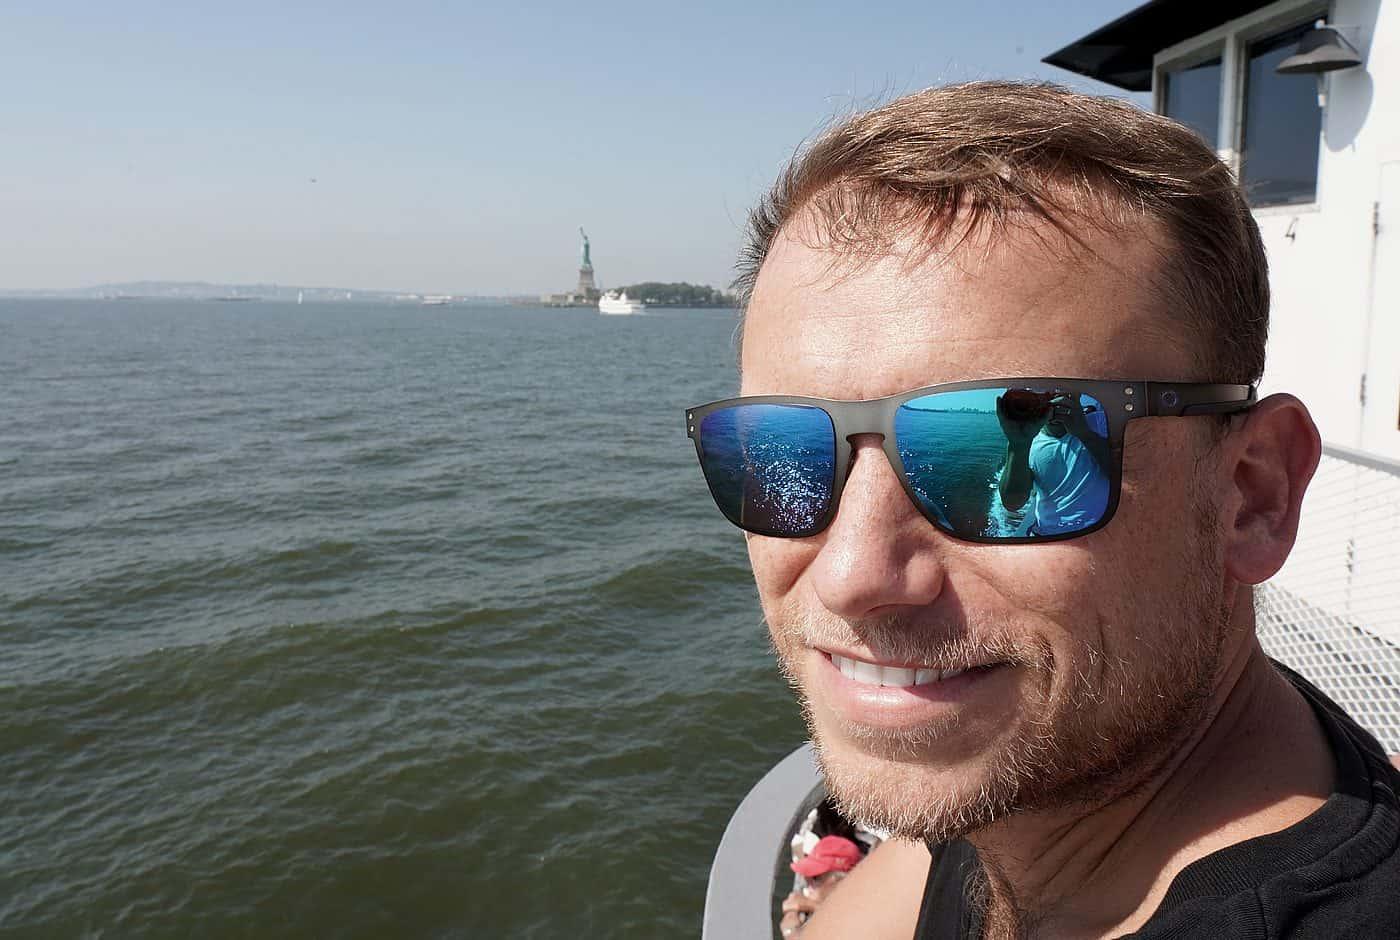 New York City – Arne bei Bootstour auf Hudson River, die Freiheitsstatue am Horizont zu sehen